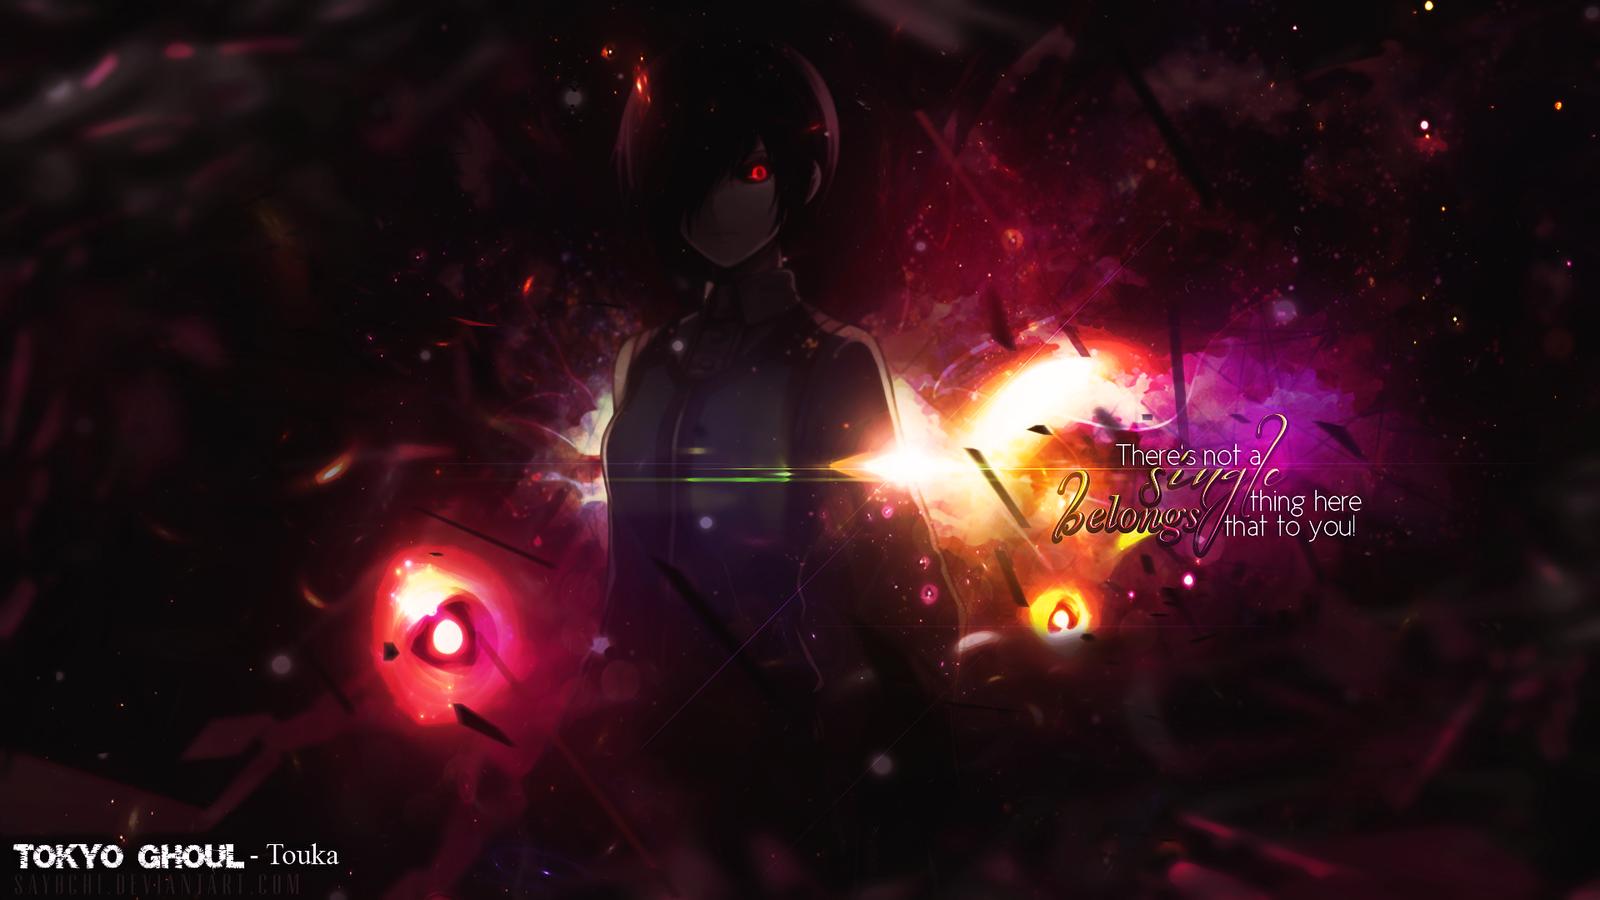 Free download Tokyo Ghoul Touka Kirishima Wallpaper